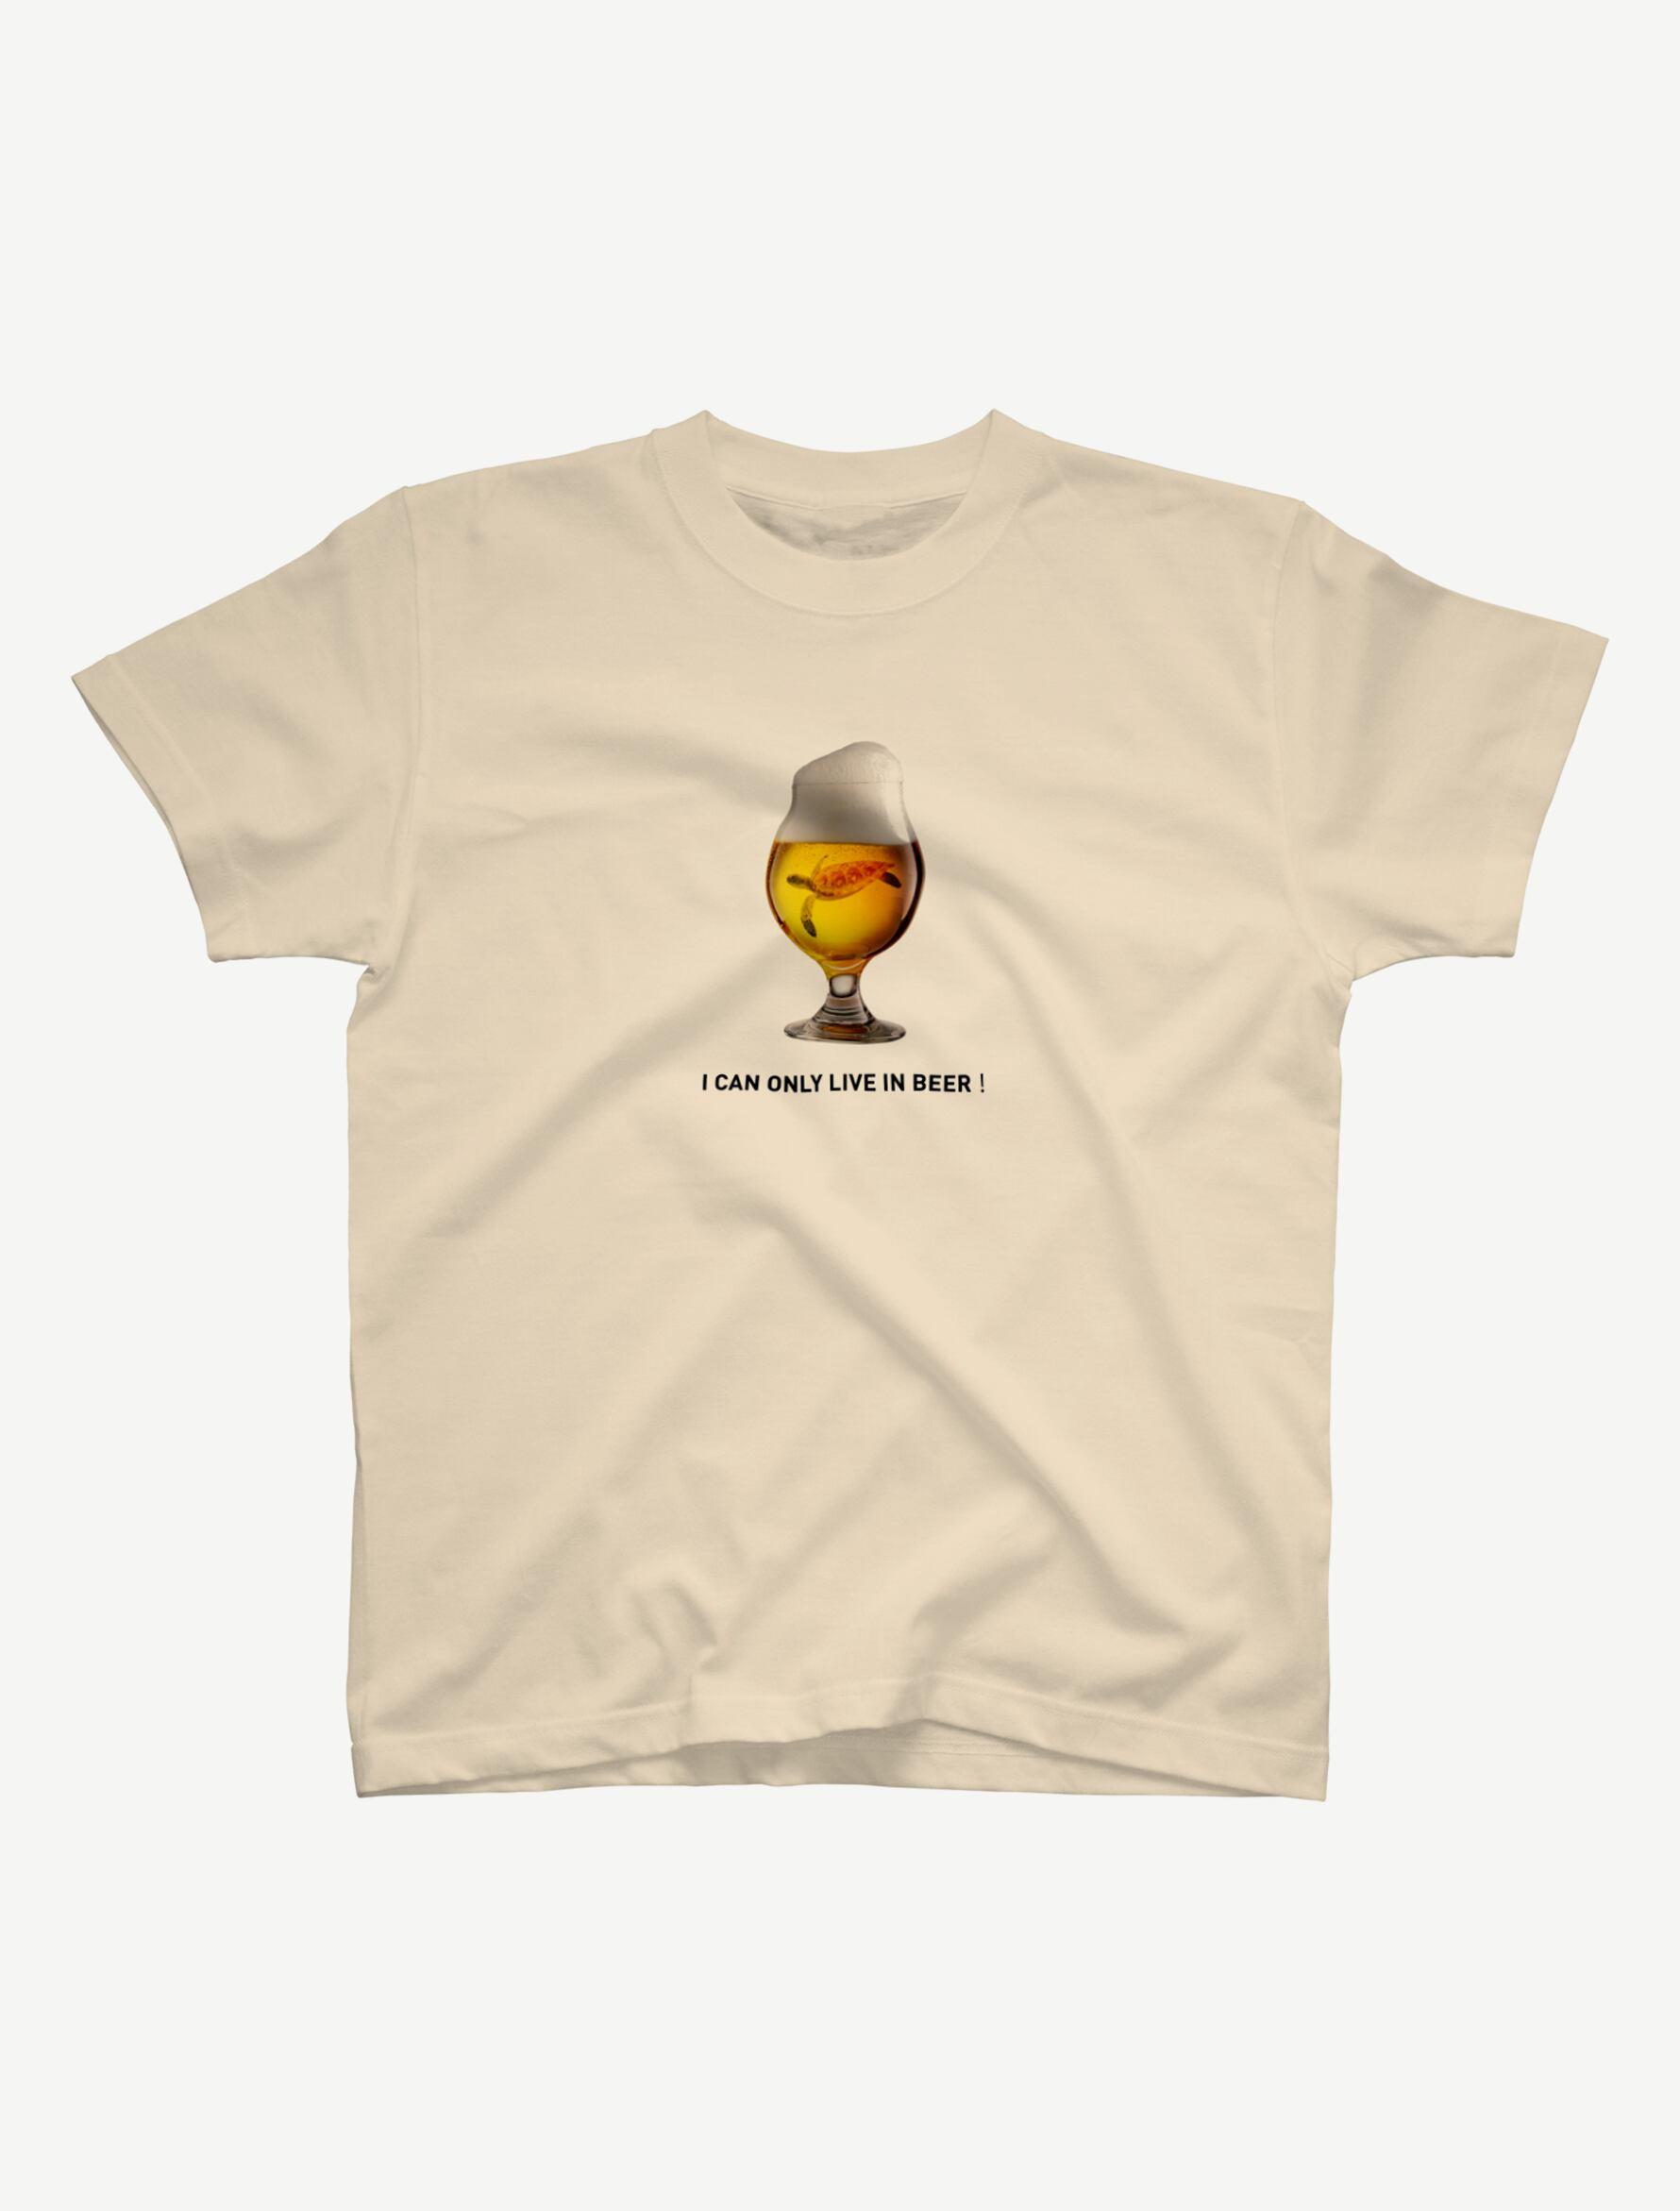 【ビールの中でしか・・・ウミガメ】Tシャツ(ナチュラル)